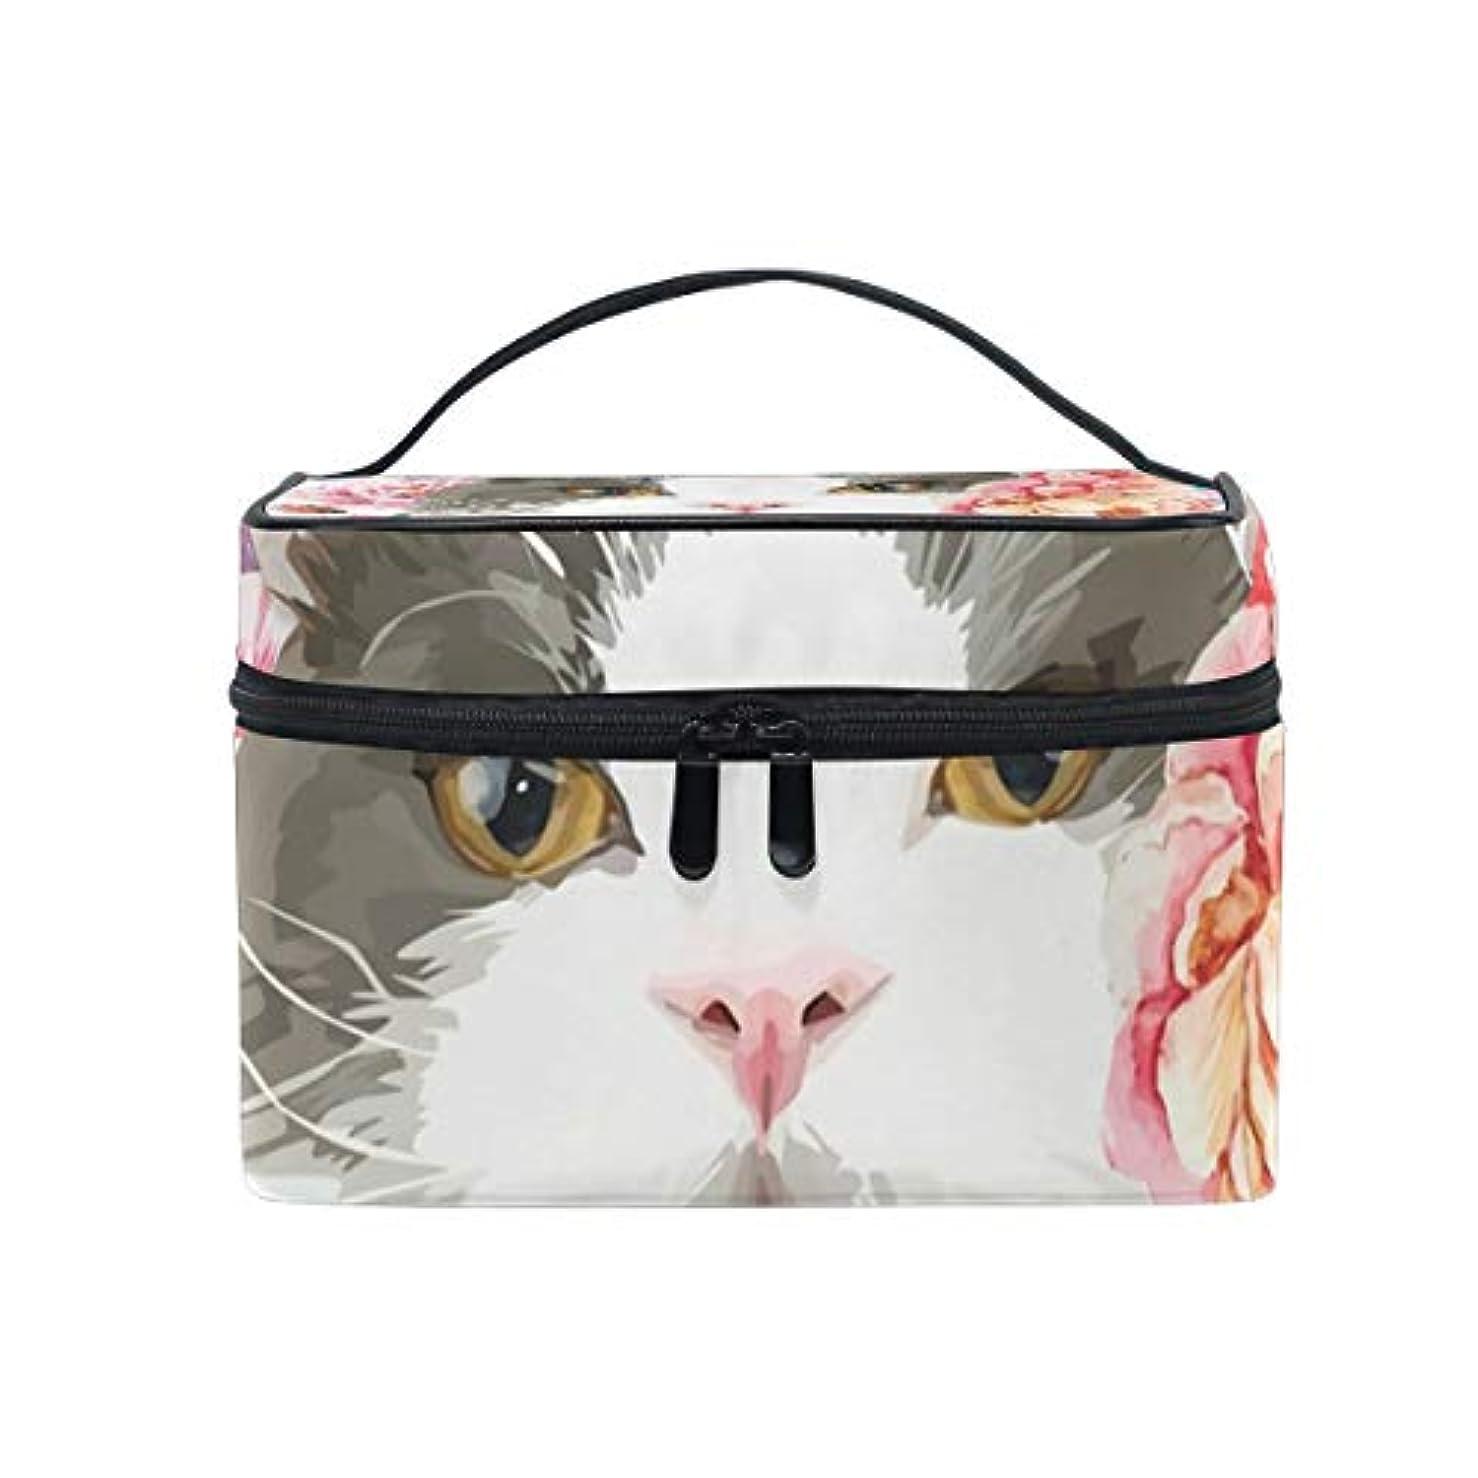 溝死すべきアパルメイクボックス 猫柄 花柄 楽しみ柄 化粧ポーチ 化粧品 化粧道具 小物入れ メイクブラシバッグ 大容量 旅行用 収納ケース